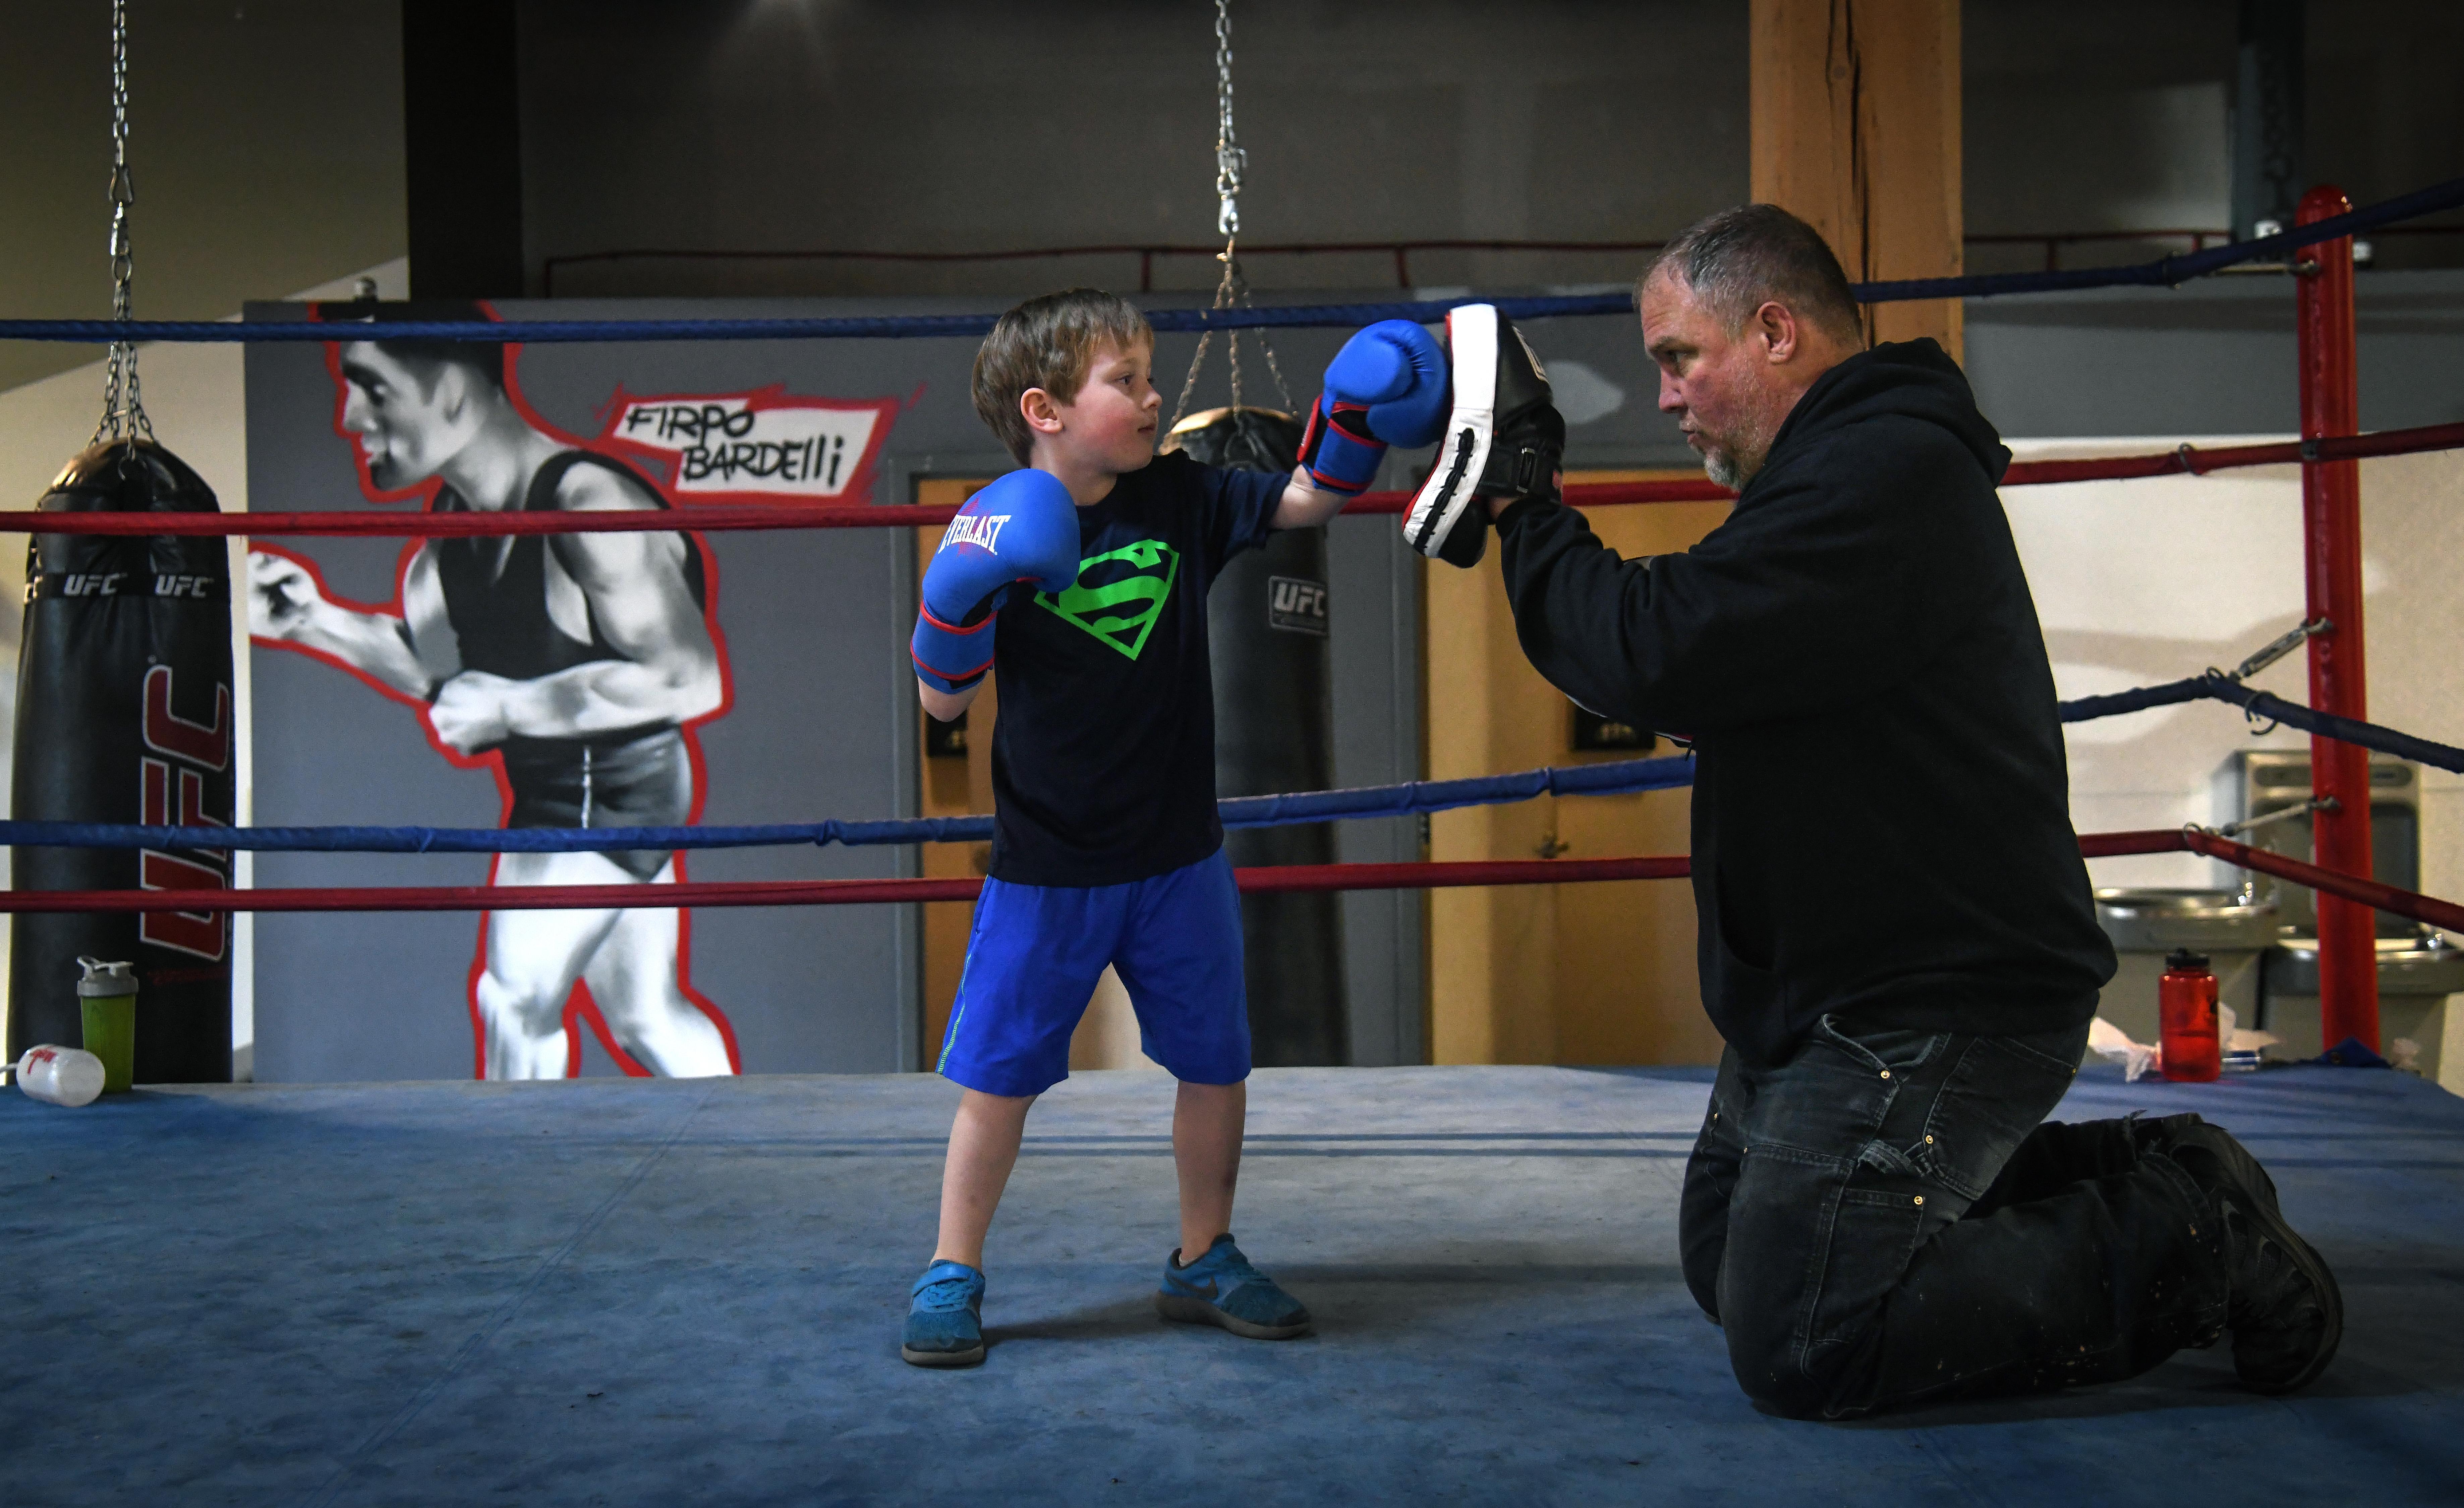 Year-round boxing, mentorship program puts Spokane police, gym owner